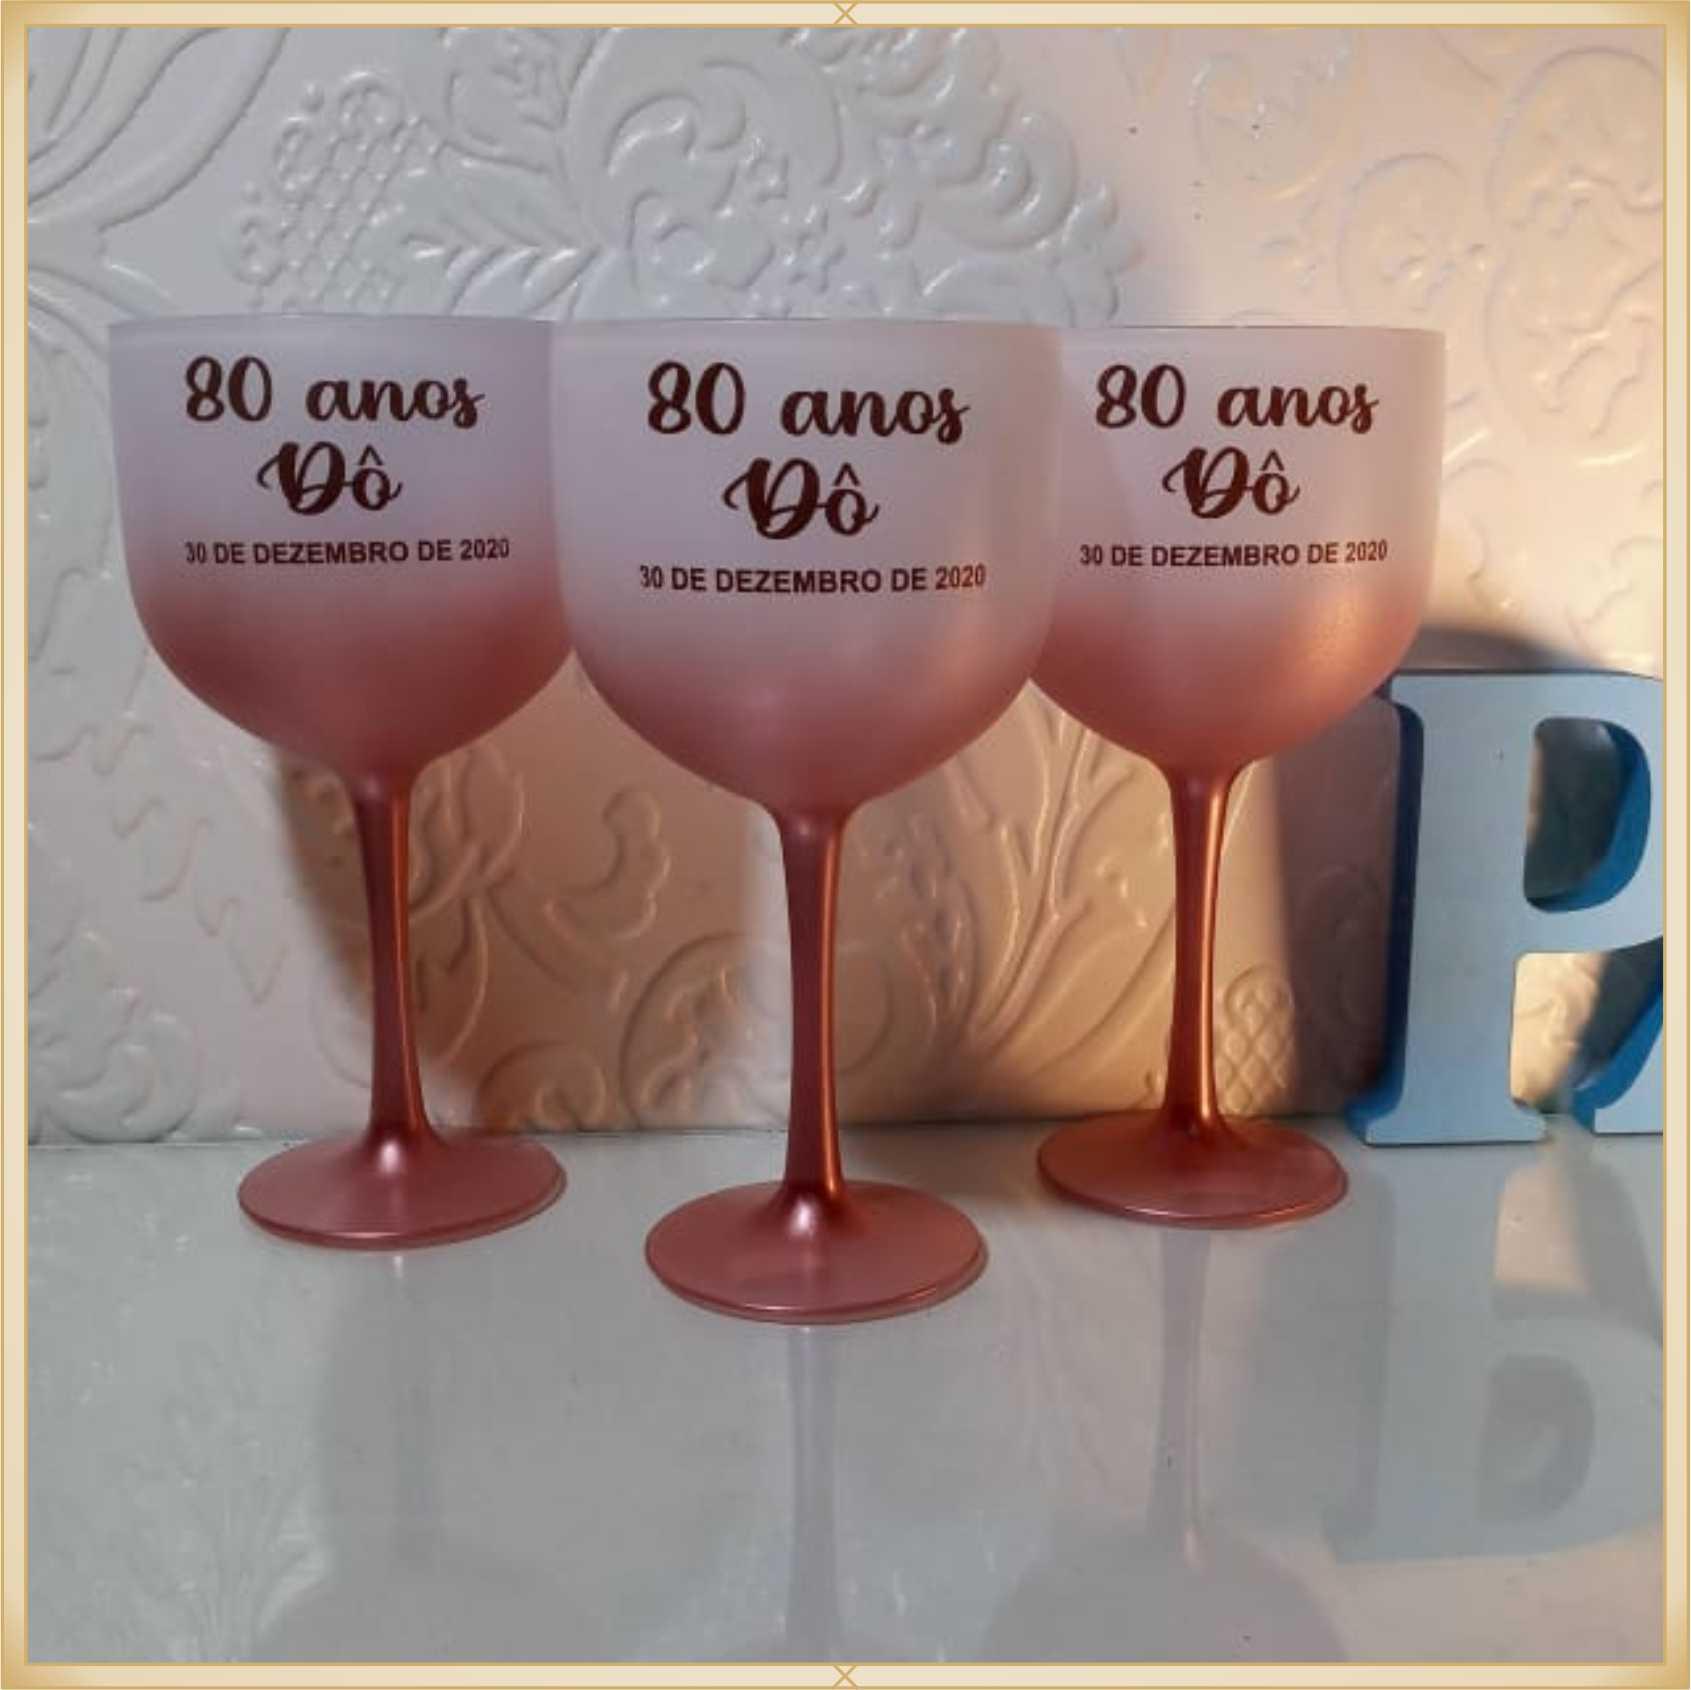 Taça de gin degradê personalizada aniversário - alta qualidade, brilhante, ótimo acabamento, parede de 2,5mm, material atóxico, 580 ml